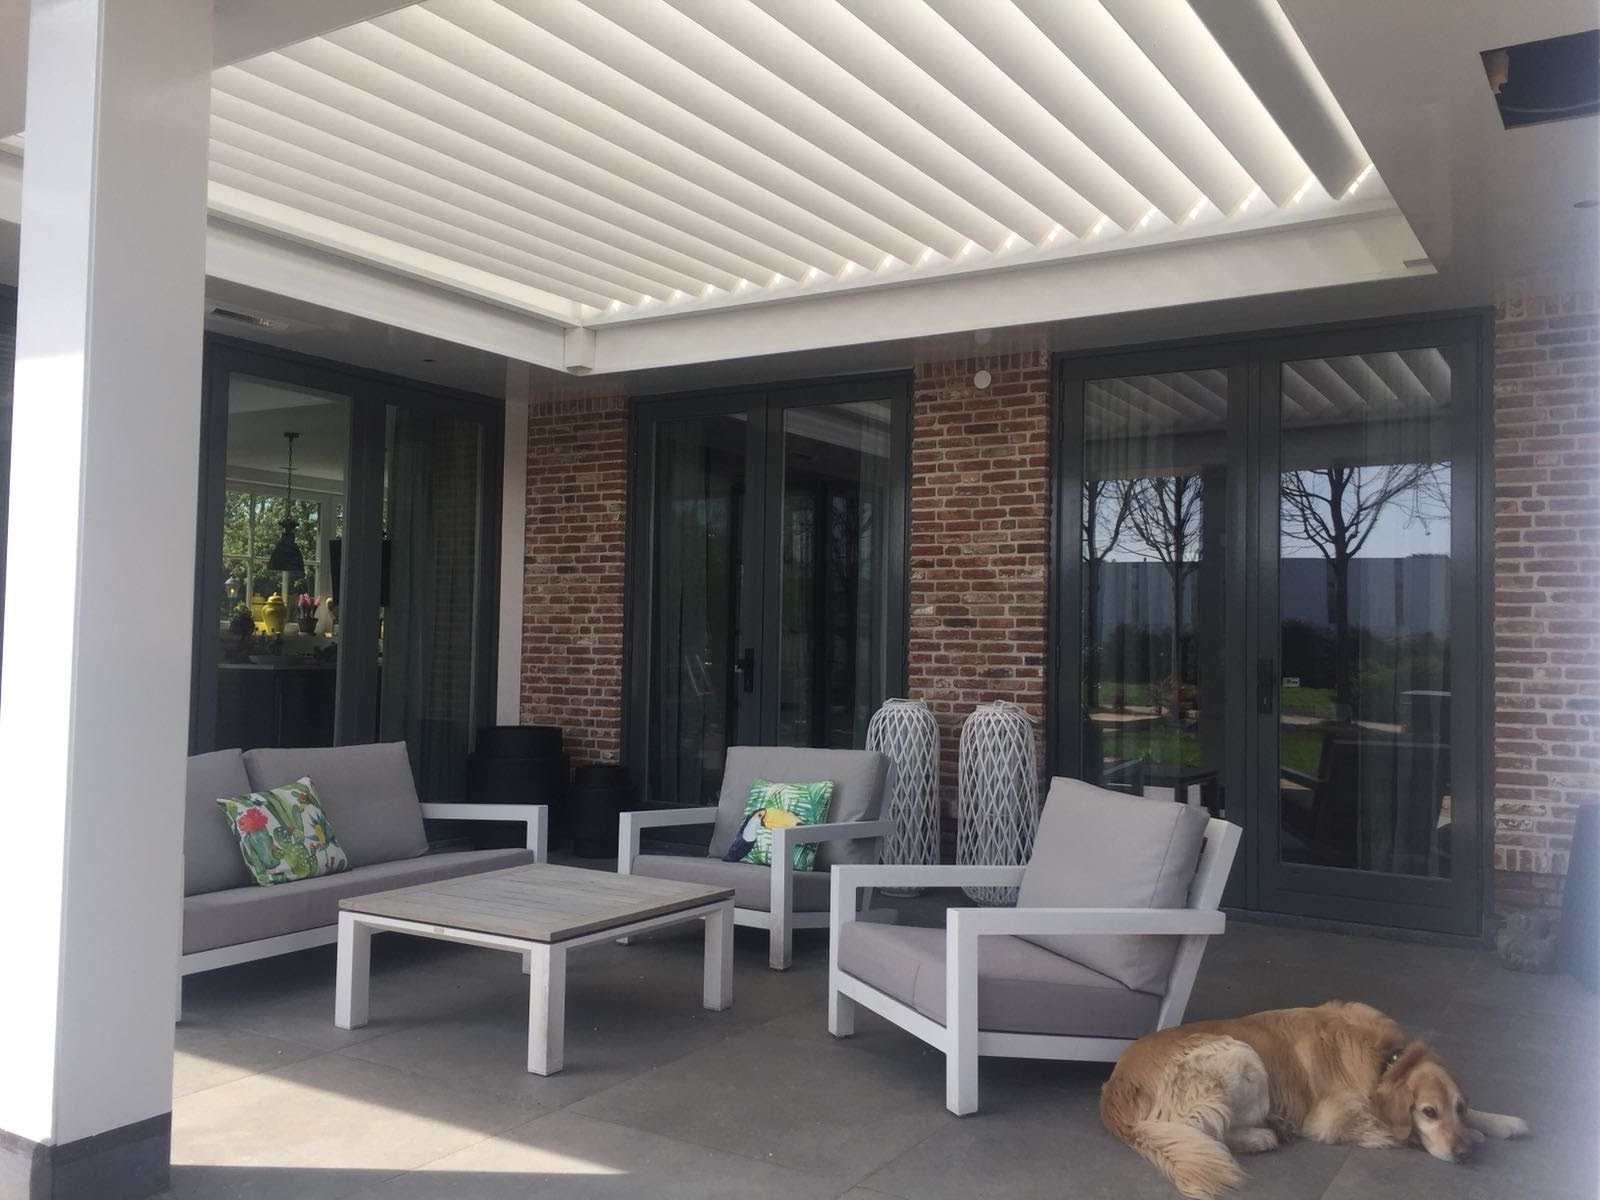 Het terras met een veranda met shutters zodat zowel in de zon als in de schaduw gezeten kan worden